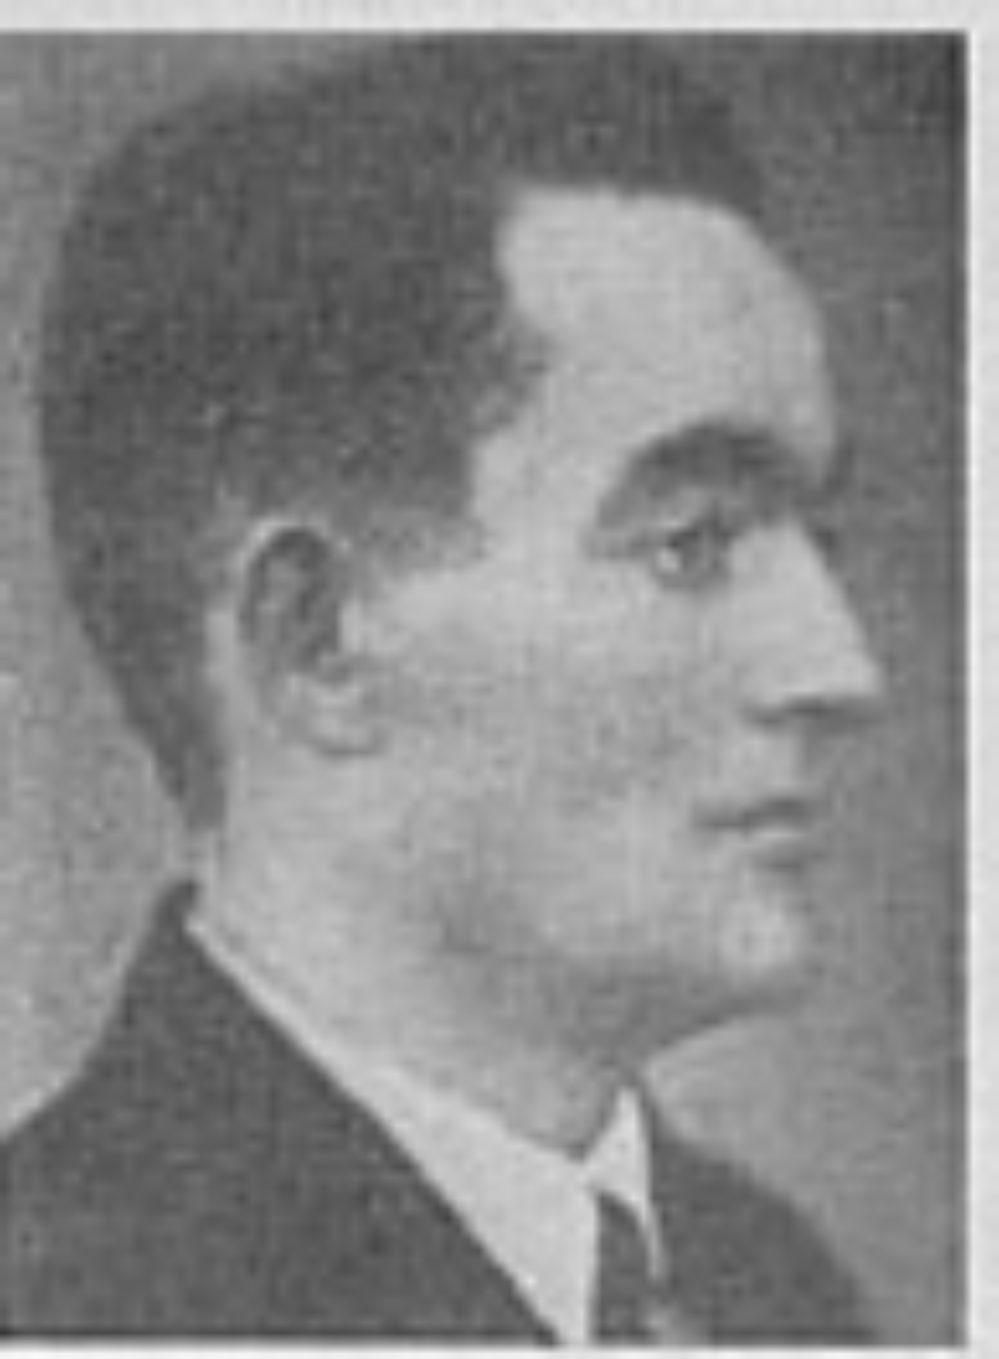 Egil Kristian Pettersen